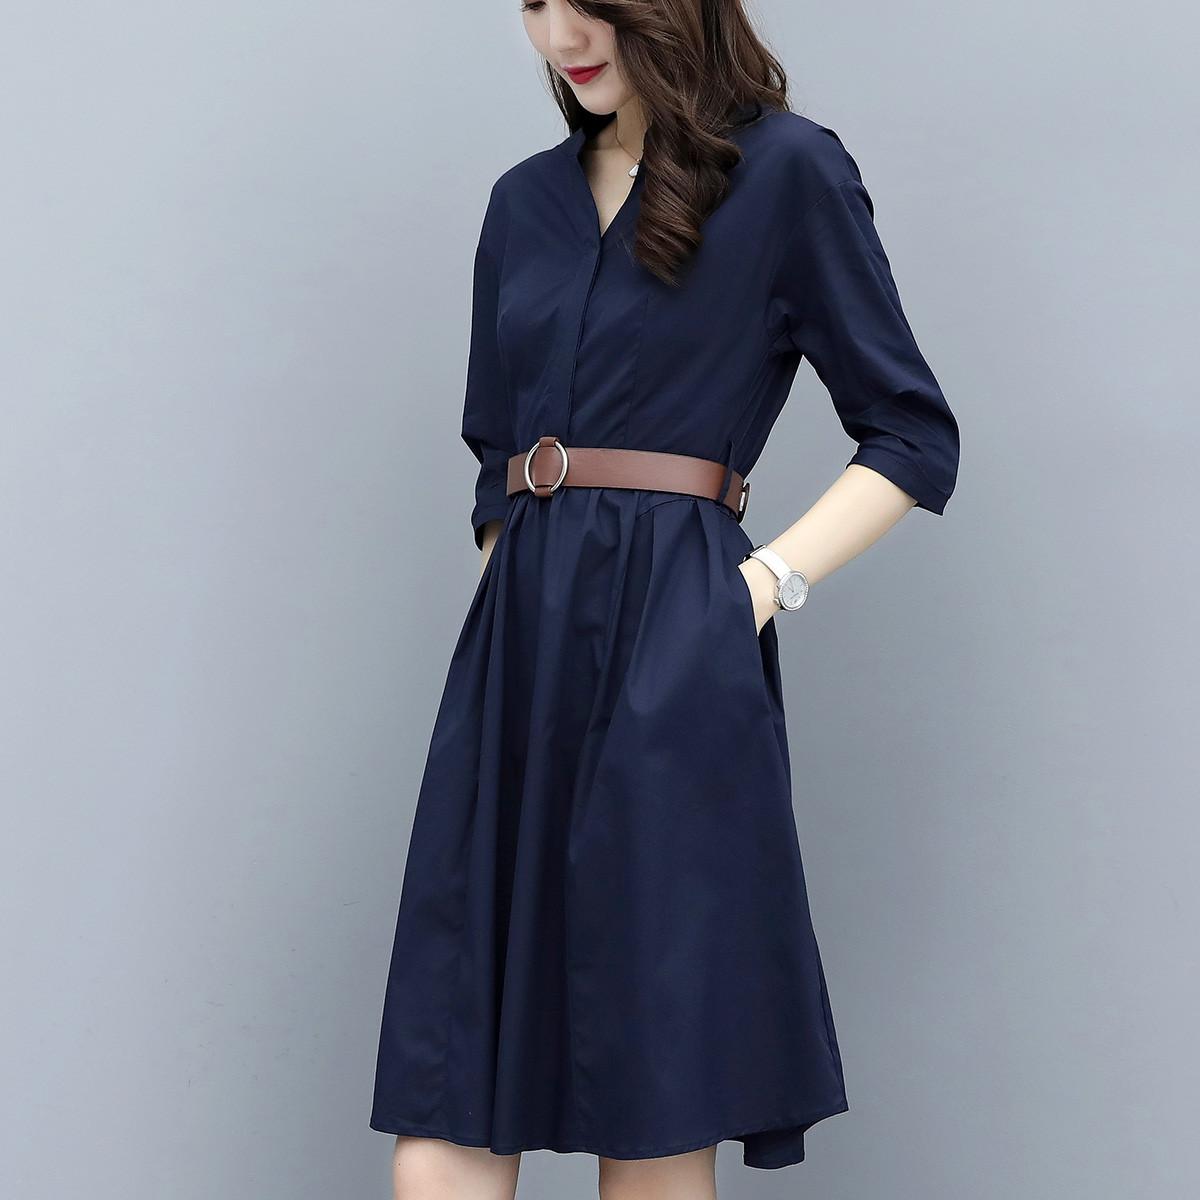 唯依◆沫系列品牌折扣女装腰带收腰显瘦七分袖长袖连衣裙3.12春